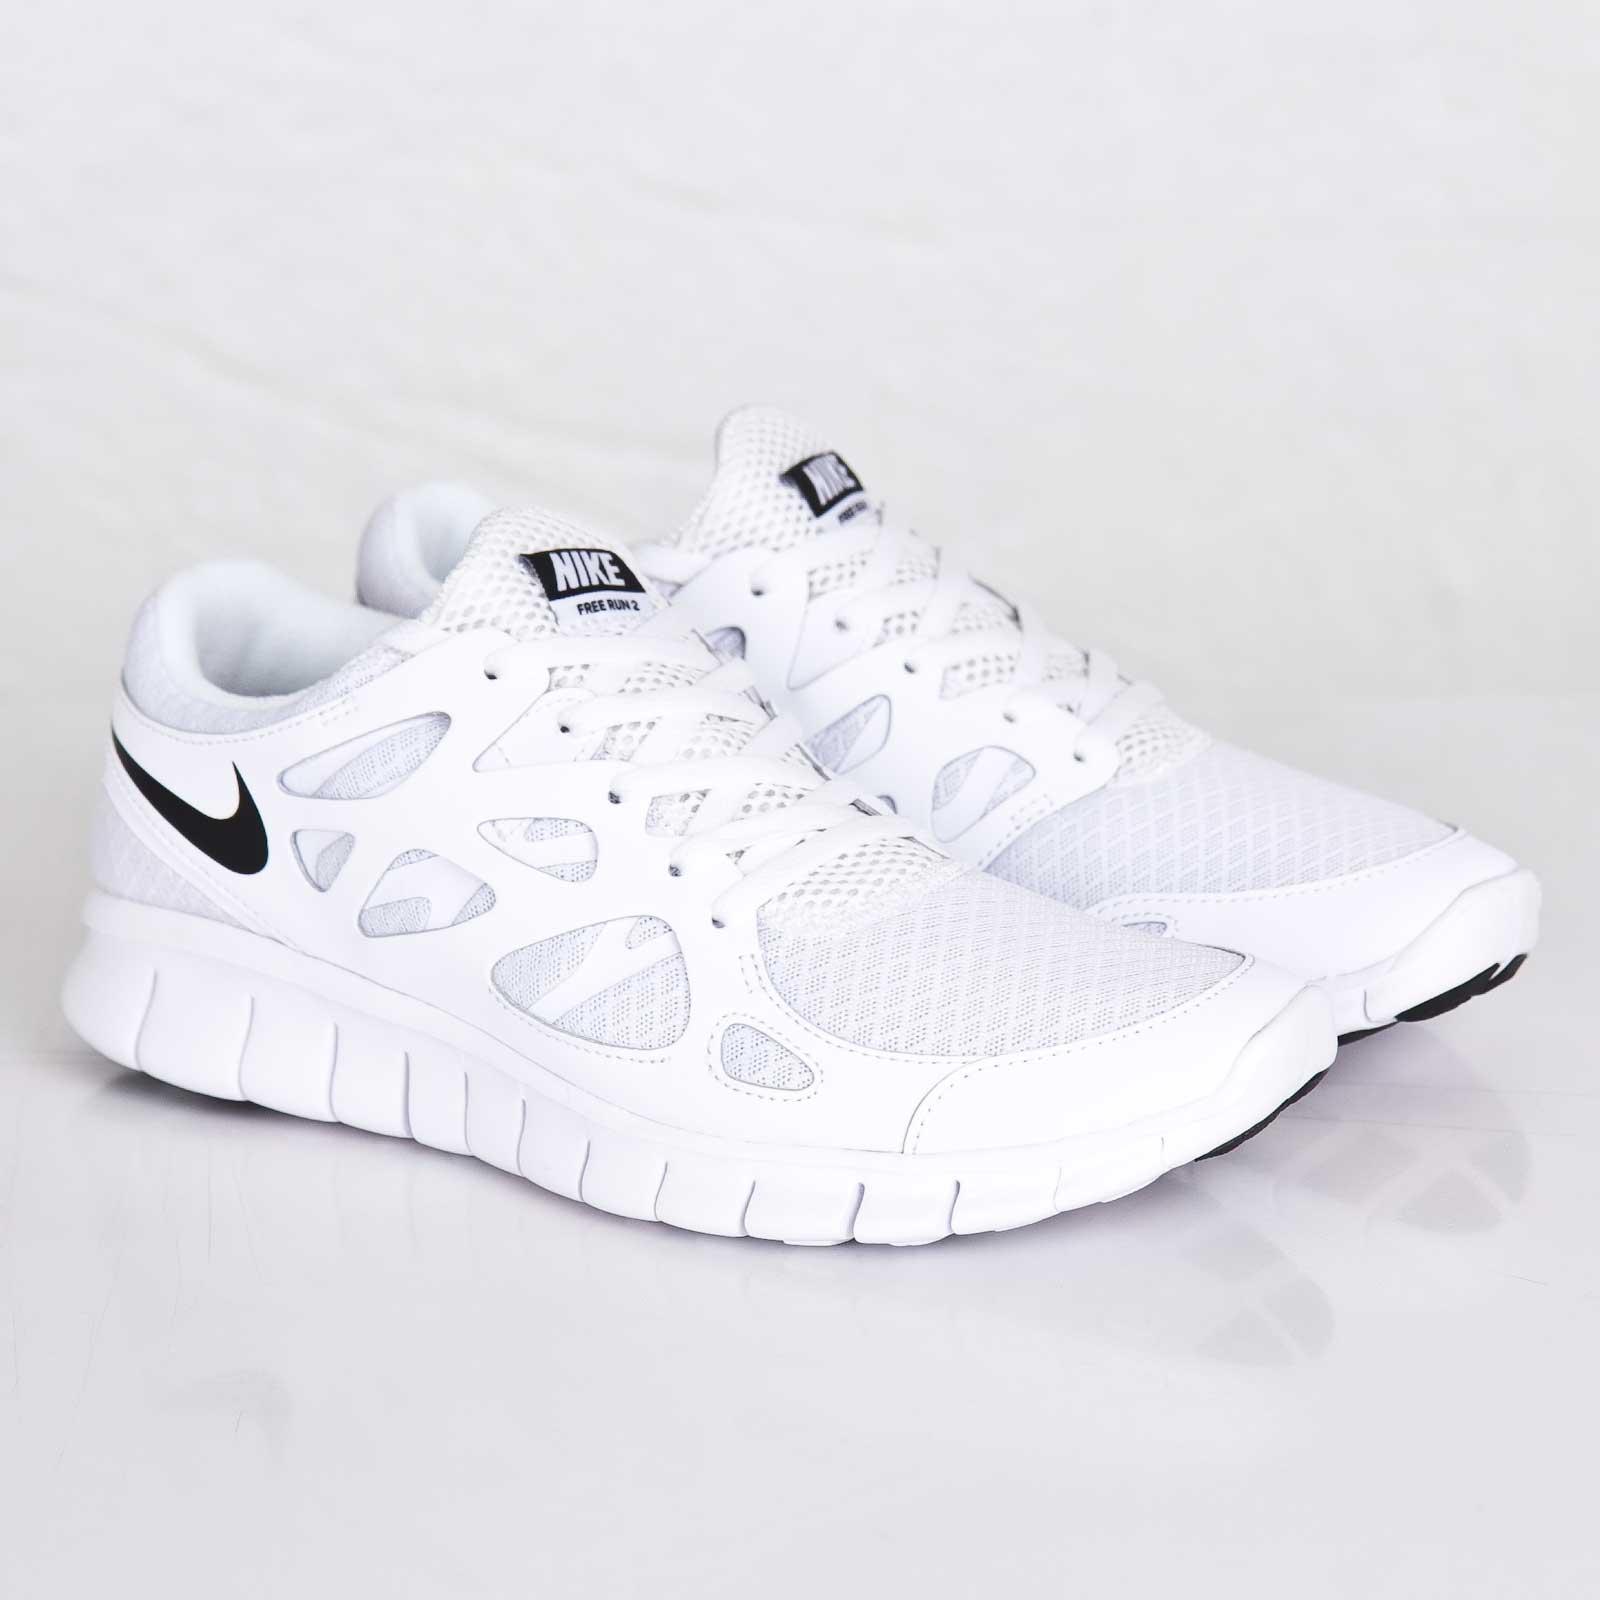 low priced d04b6 be5e1 Nike Free Run 2 NSW